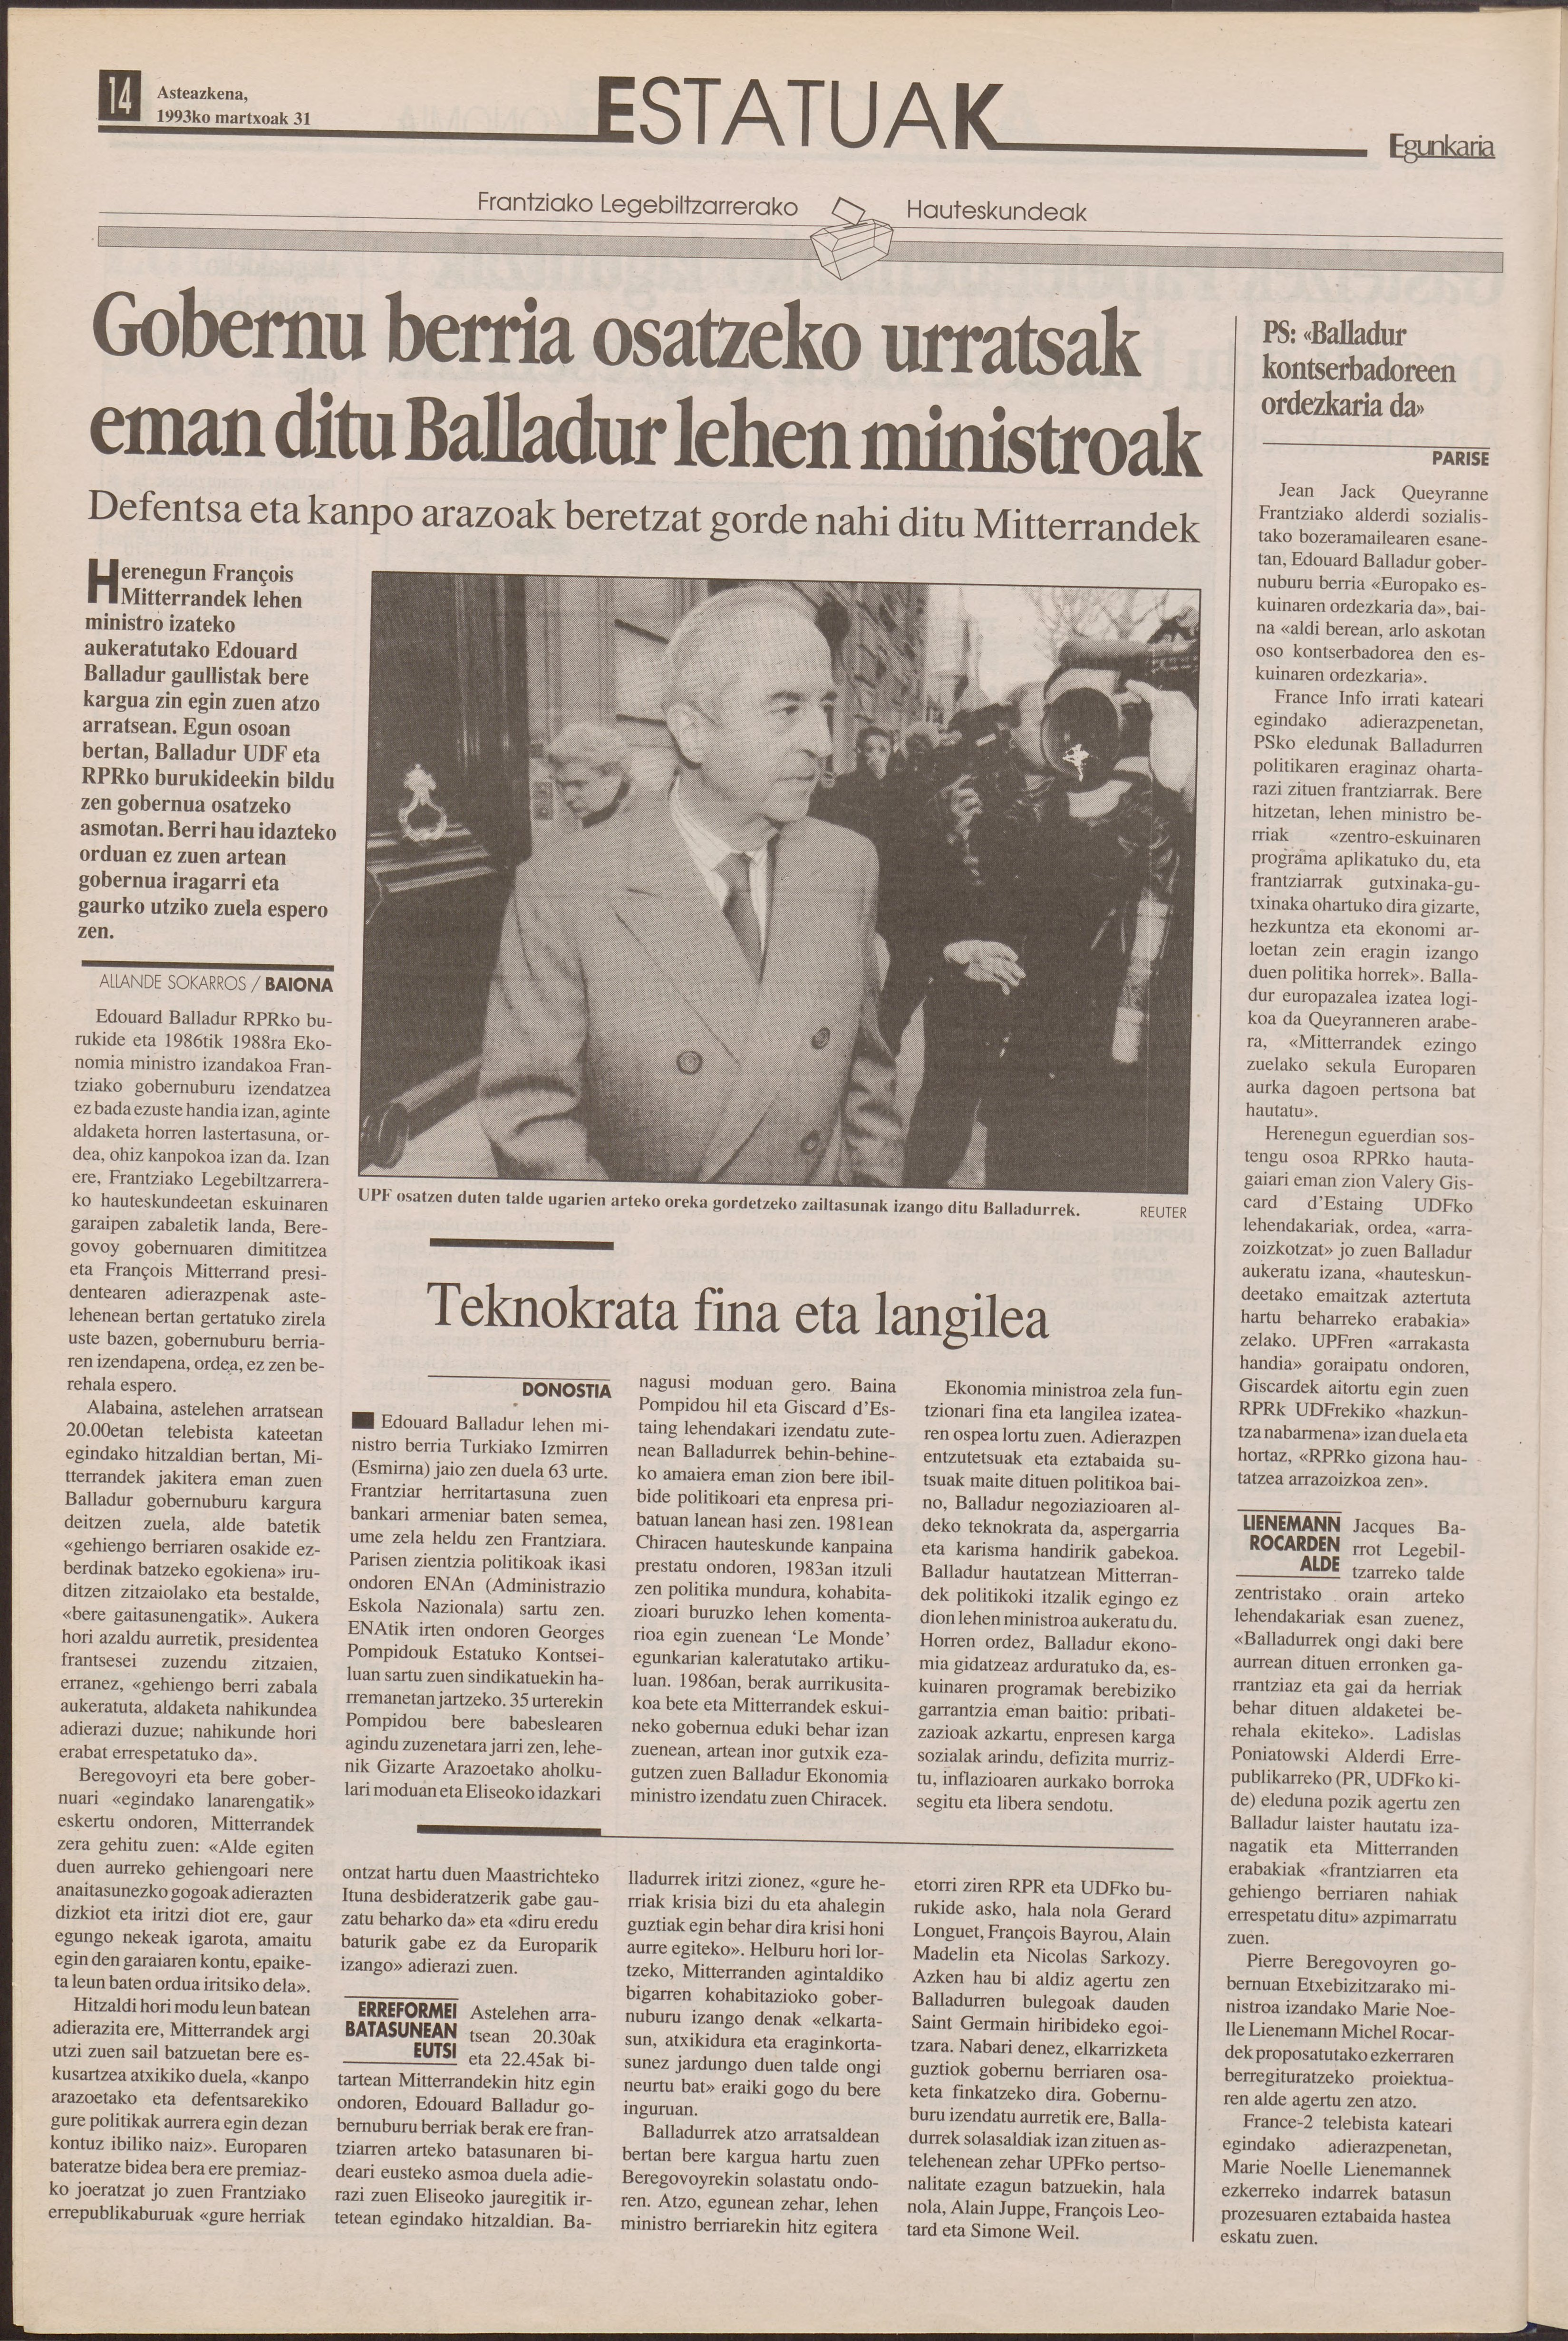 1993ko martxoak 31, 14. orrialdea